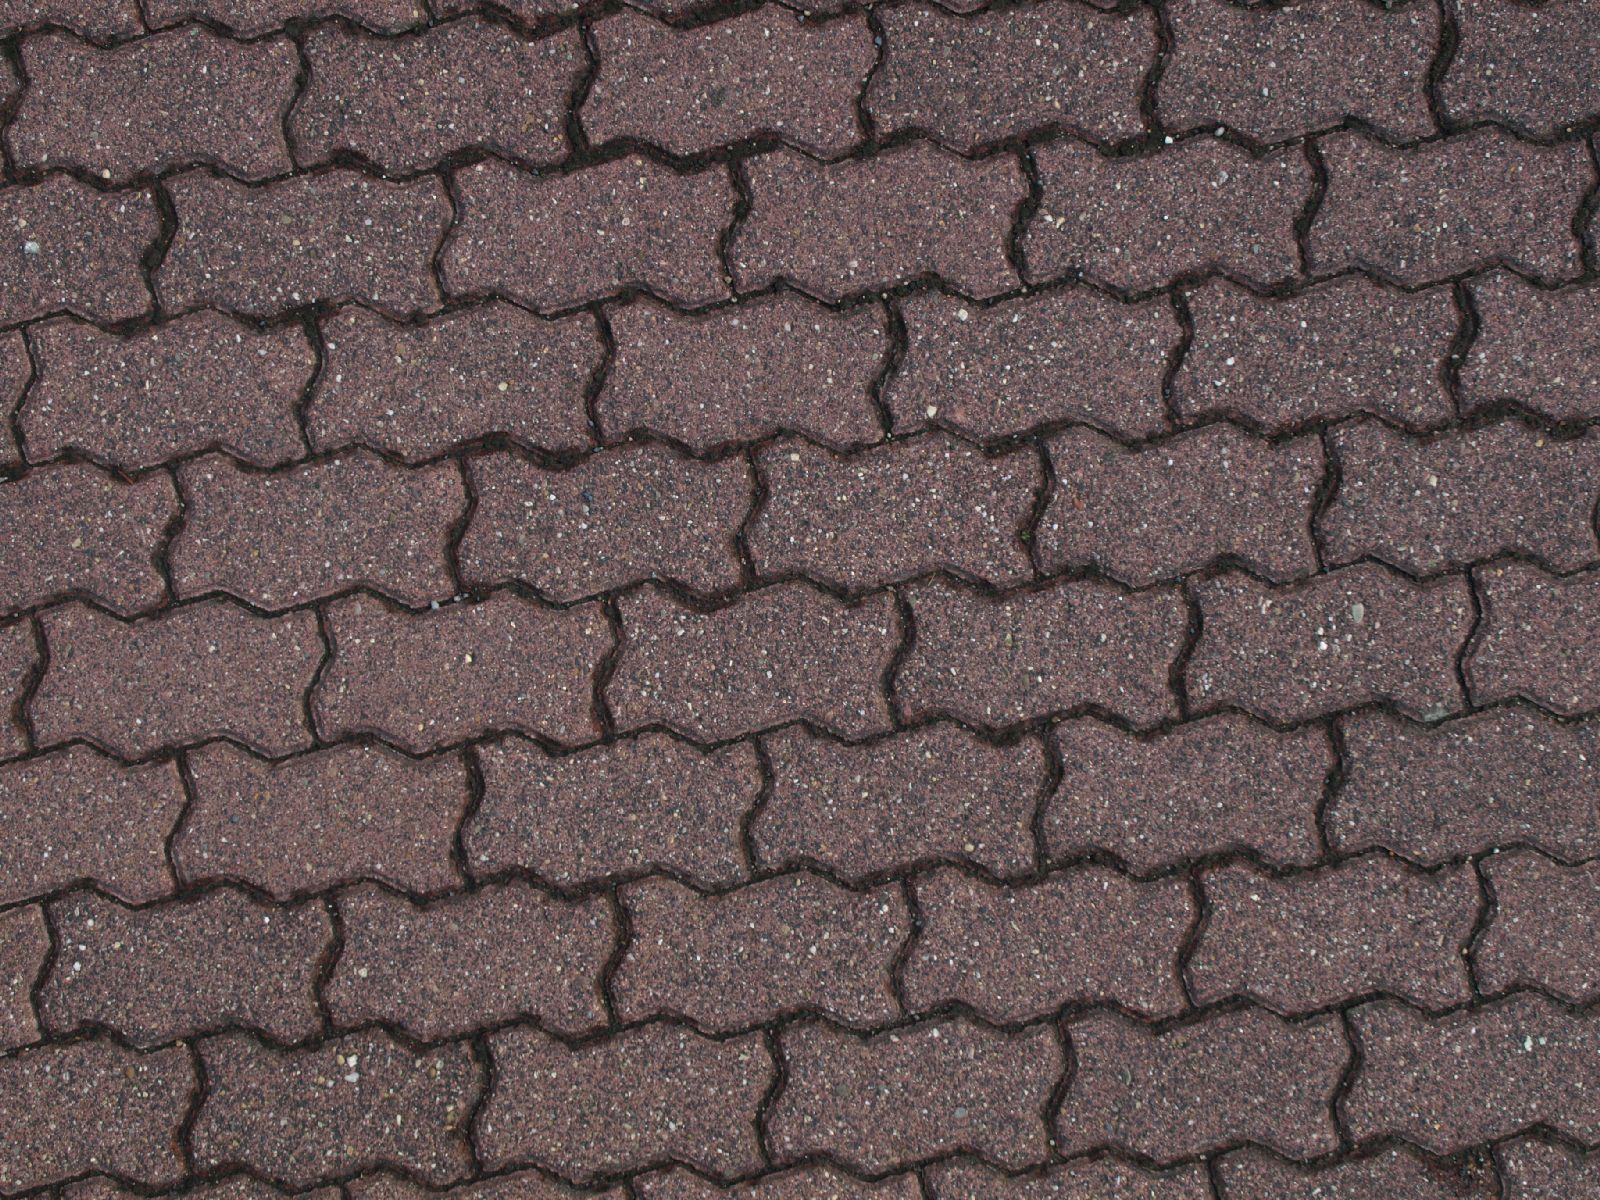 Ground-Urban_Texture_A_P8234622